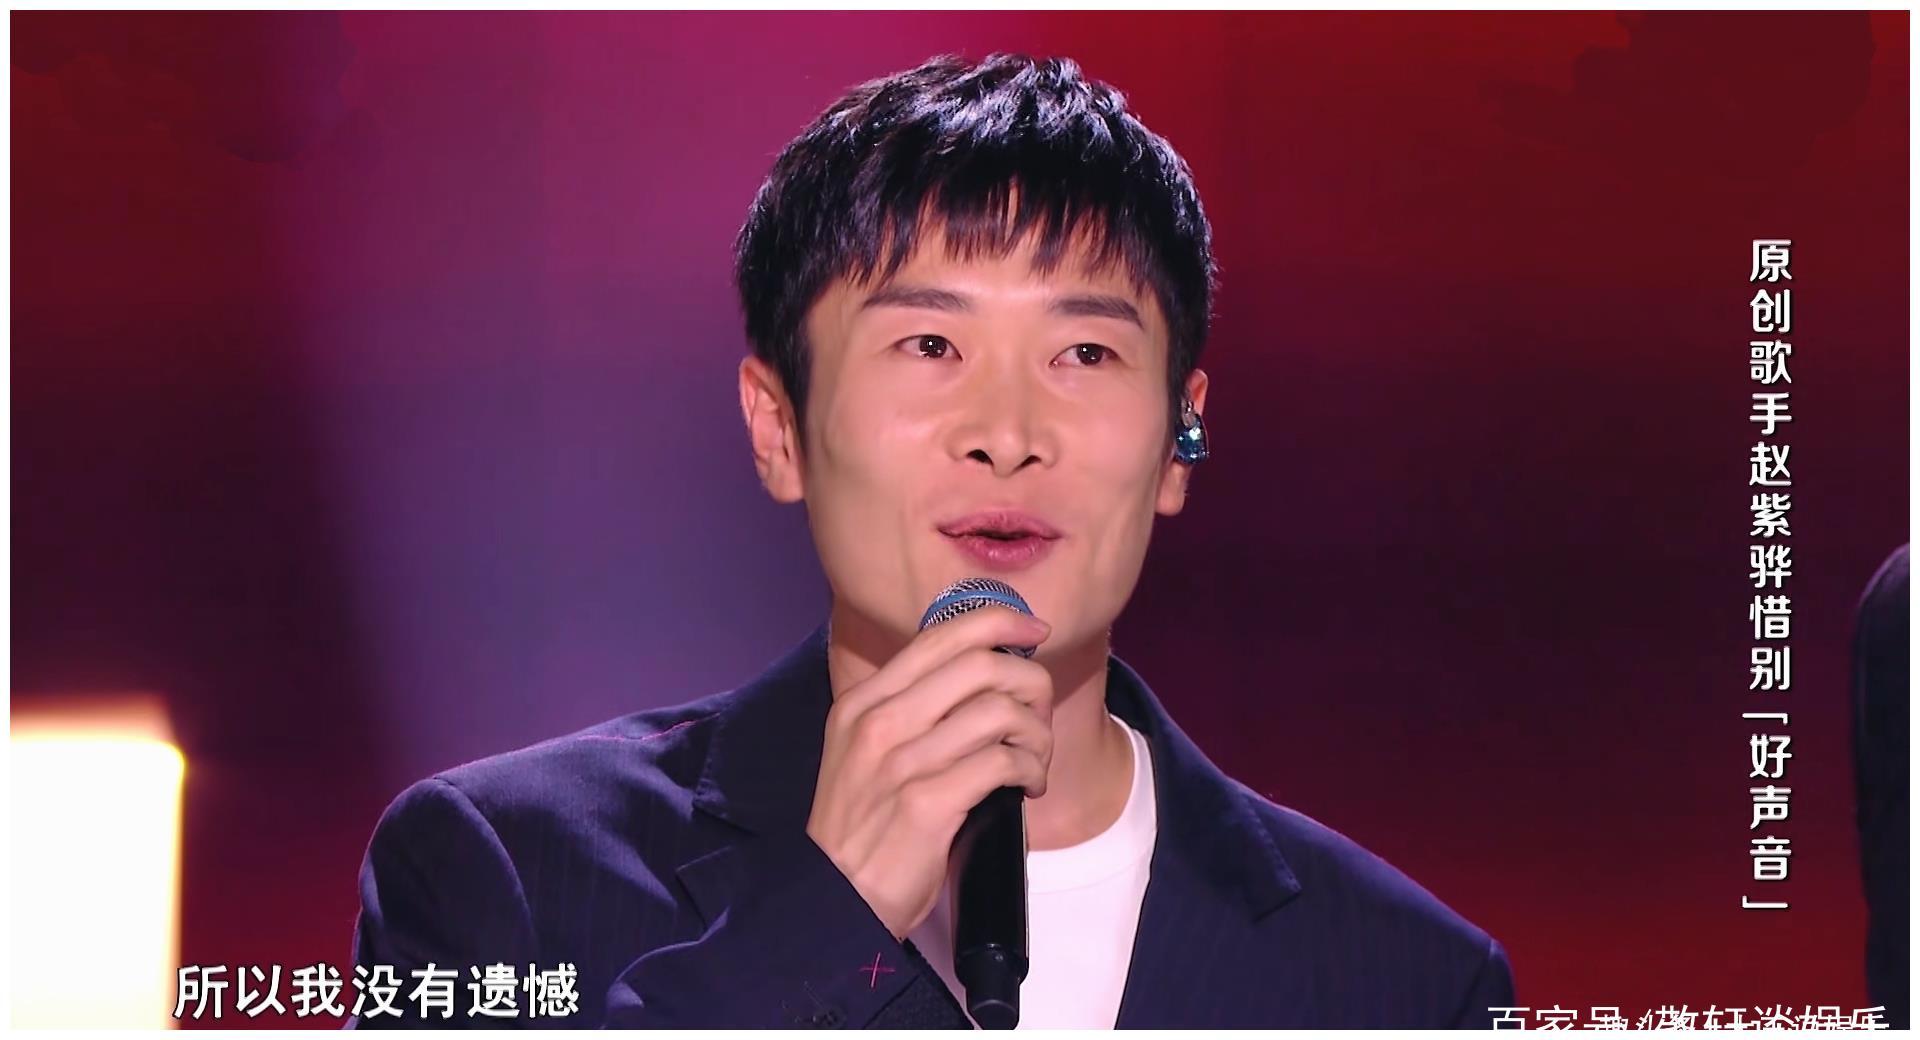 《好声音》七强名单产生,苏玮陪跑,潘虹顺利晋级,第一实至名归